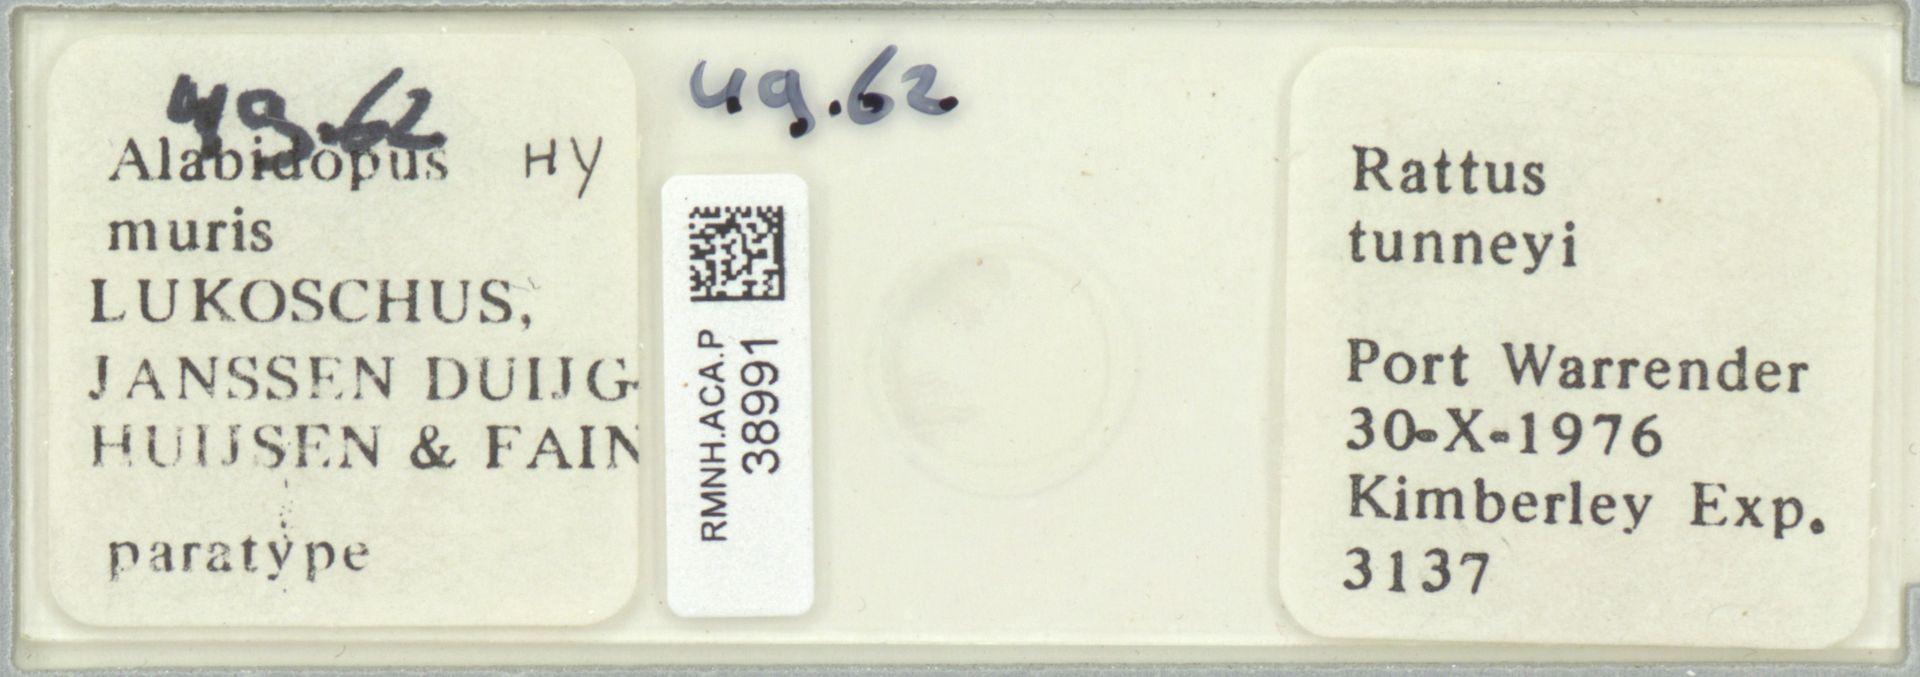 RMNH.ACA.P.38991 | Alabidopus muris Lukoschus, Janssen Duijghuijsen, Fain